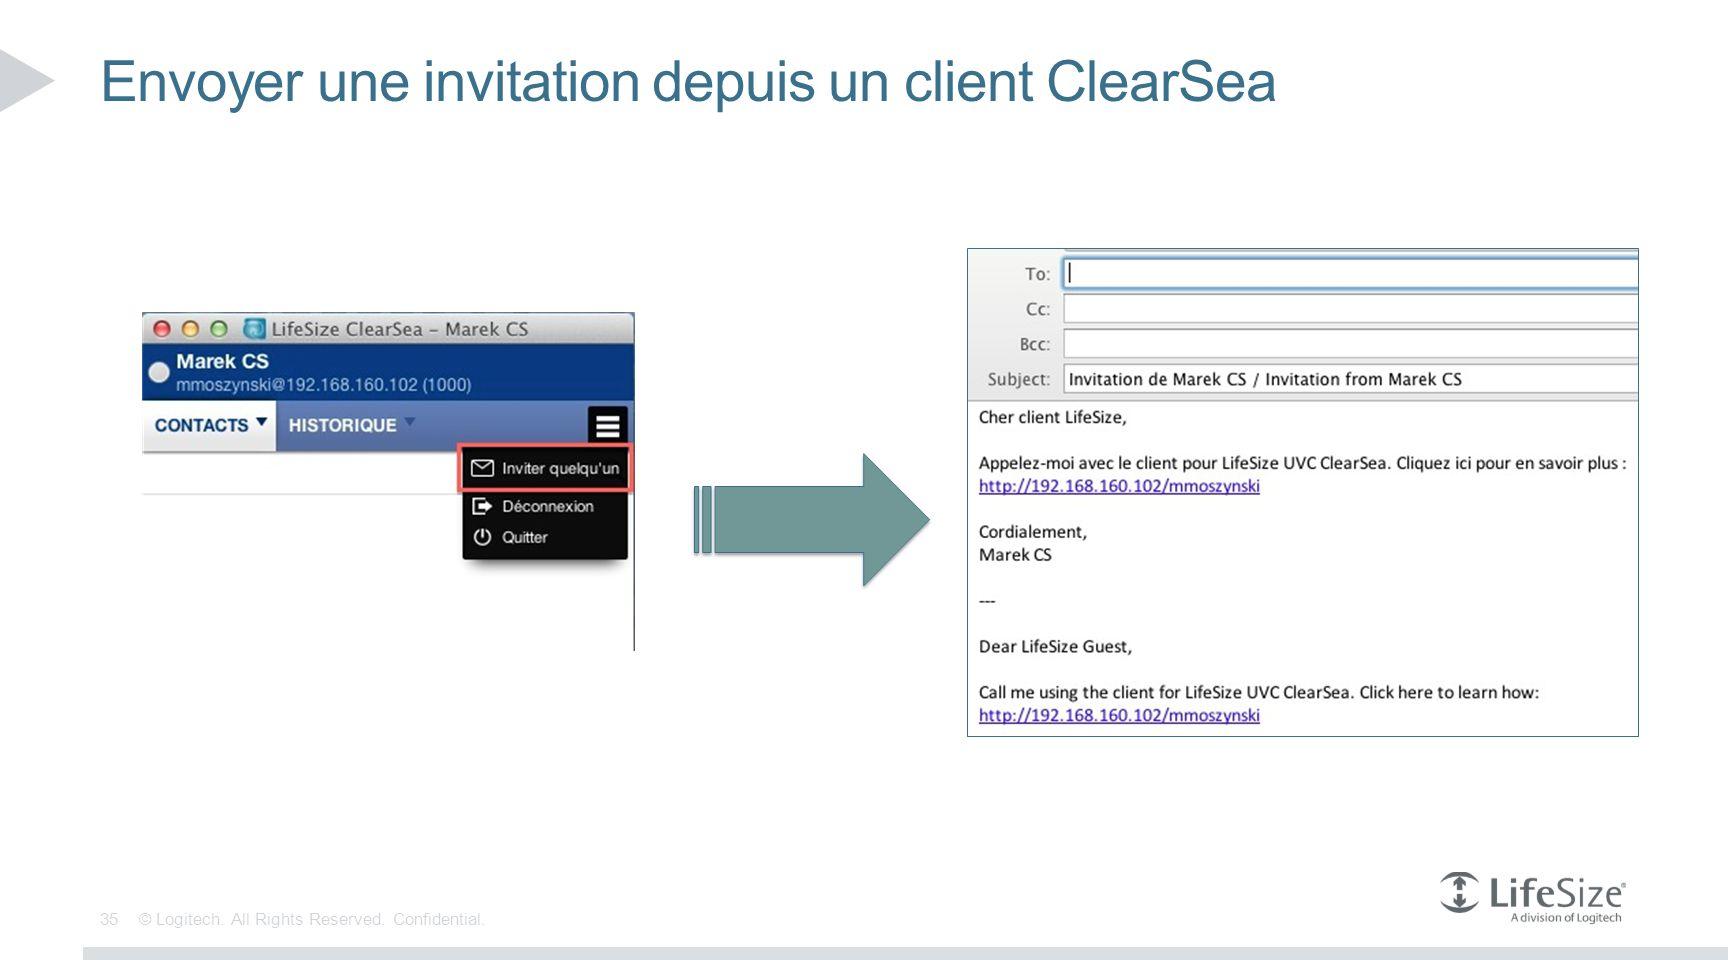 Envoyer une invitation depuis un client ClearSea